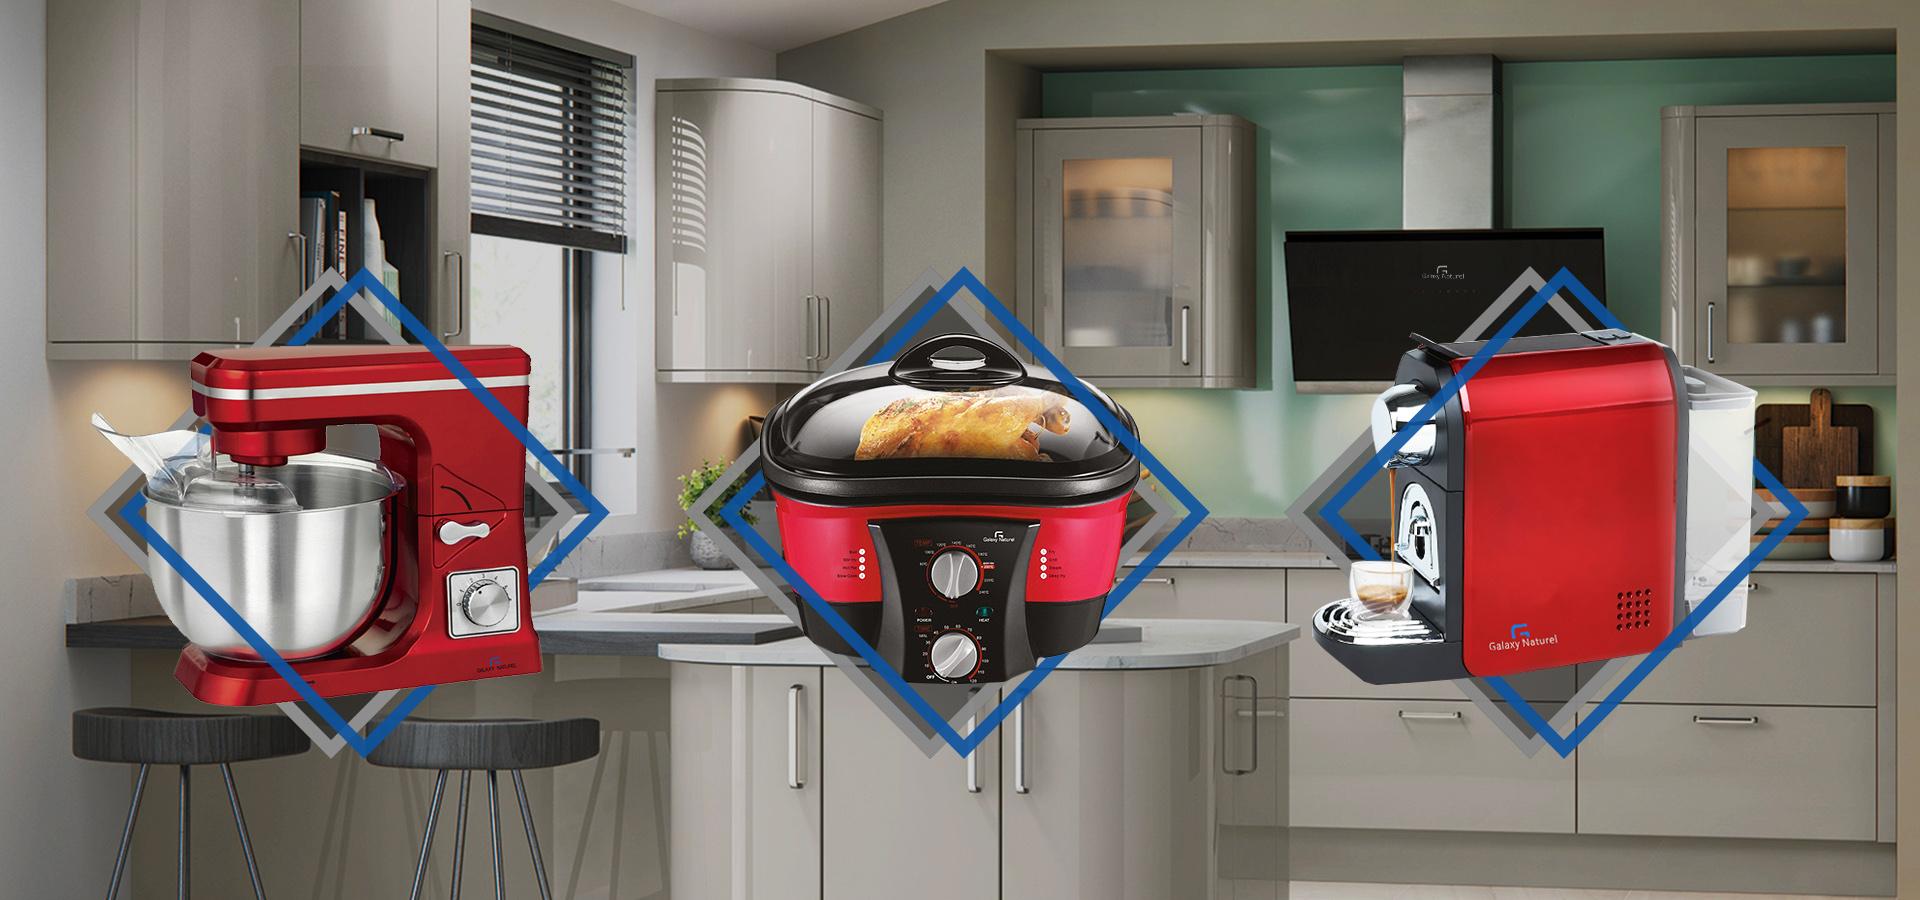 Demonter Plaque De Cuisson Electrique fours électriques, cuisinières, plaques de cuisson gaz